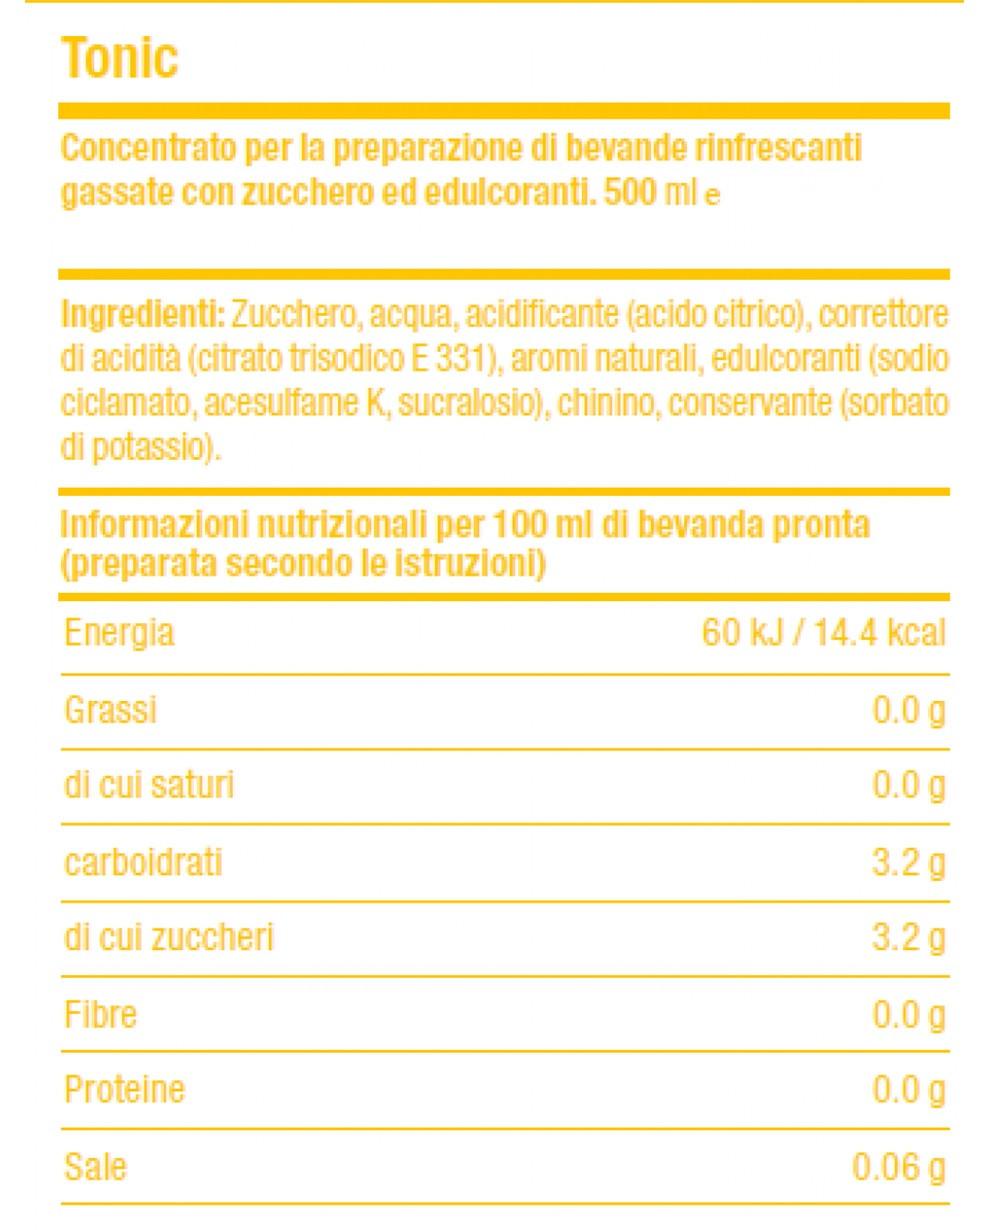 Valori Nutrizionali Concentrato SodaStream Tonic